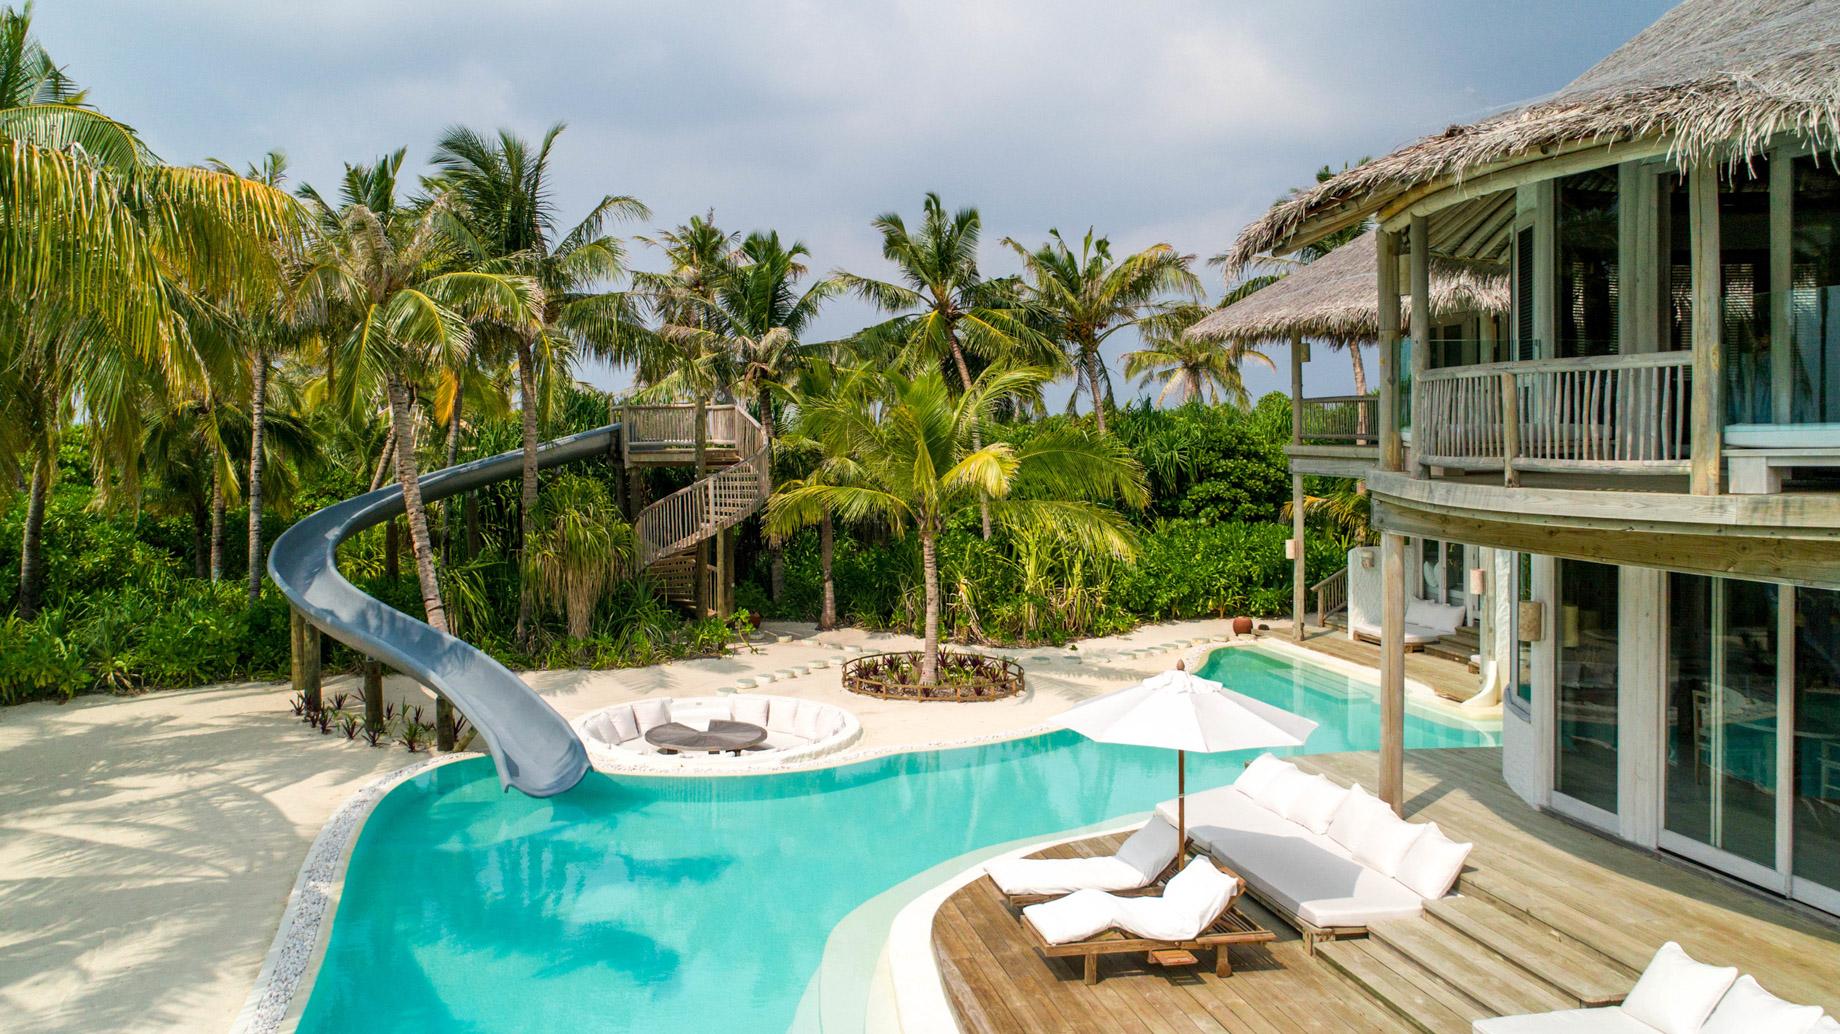 Soneva Jani Luxury Resort – Noonu Atoll, Medhufaru, Maldives – 4 Bedroom Island Reserve Villa Pool Deck Water Slide